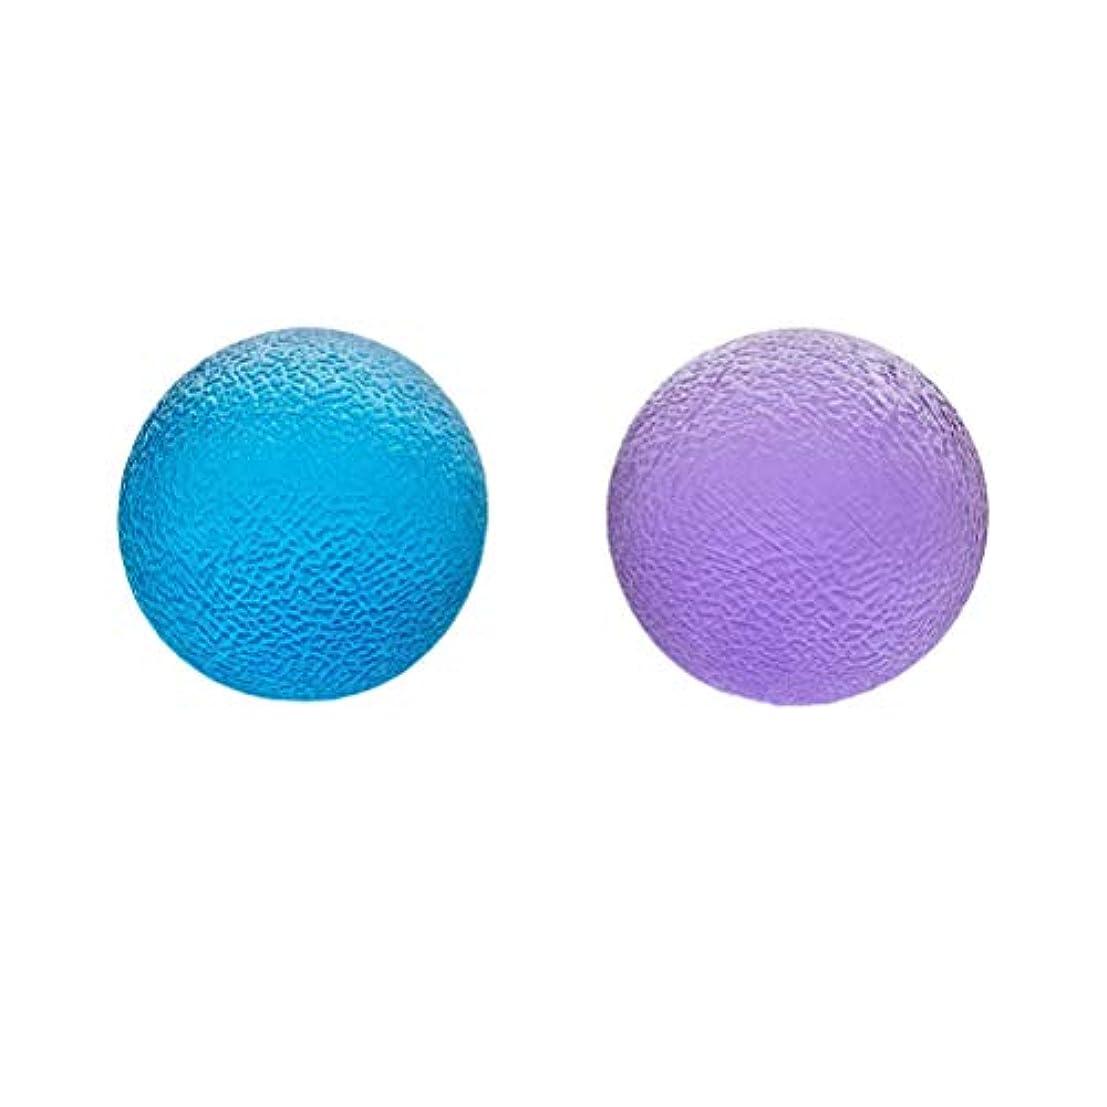 切り離す瞳投げ捨てるSUPVOX 2本ハンドグリップ強化ツールワークアウトグリップ強度トレーナーボール強化ツール関節炎指ハンド(ブルーパープル)